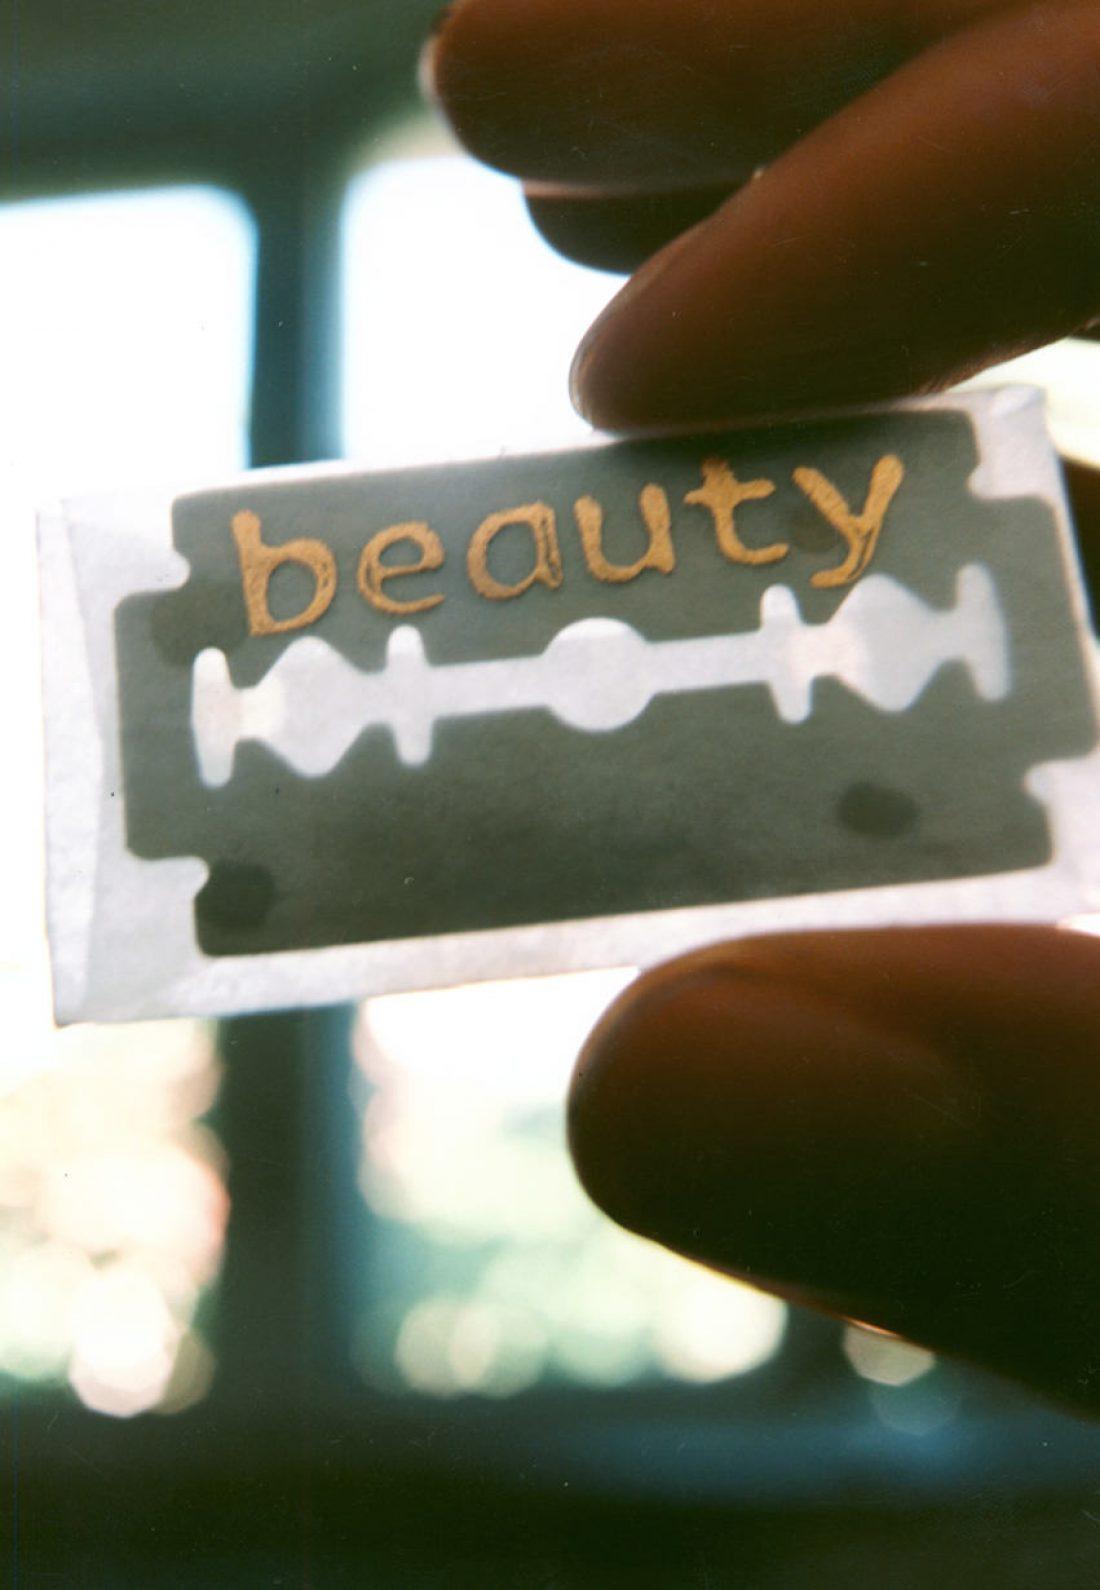 Smuk / Nabel [Smuk / Navel] & beauty